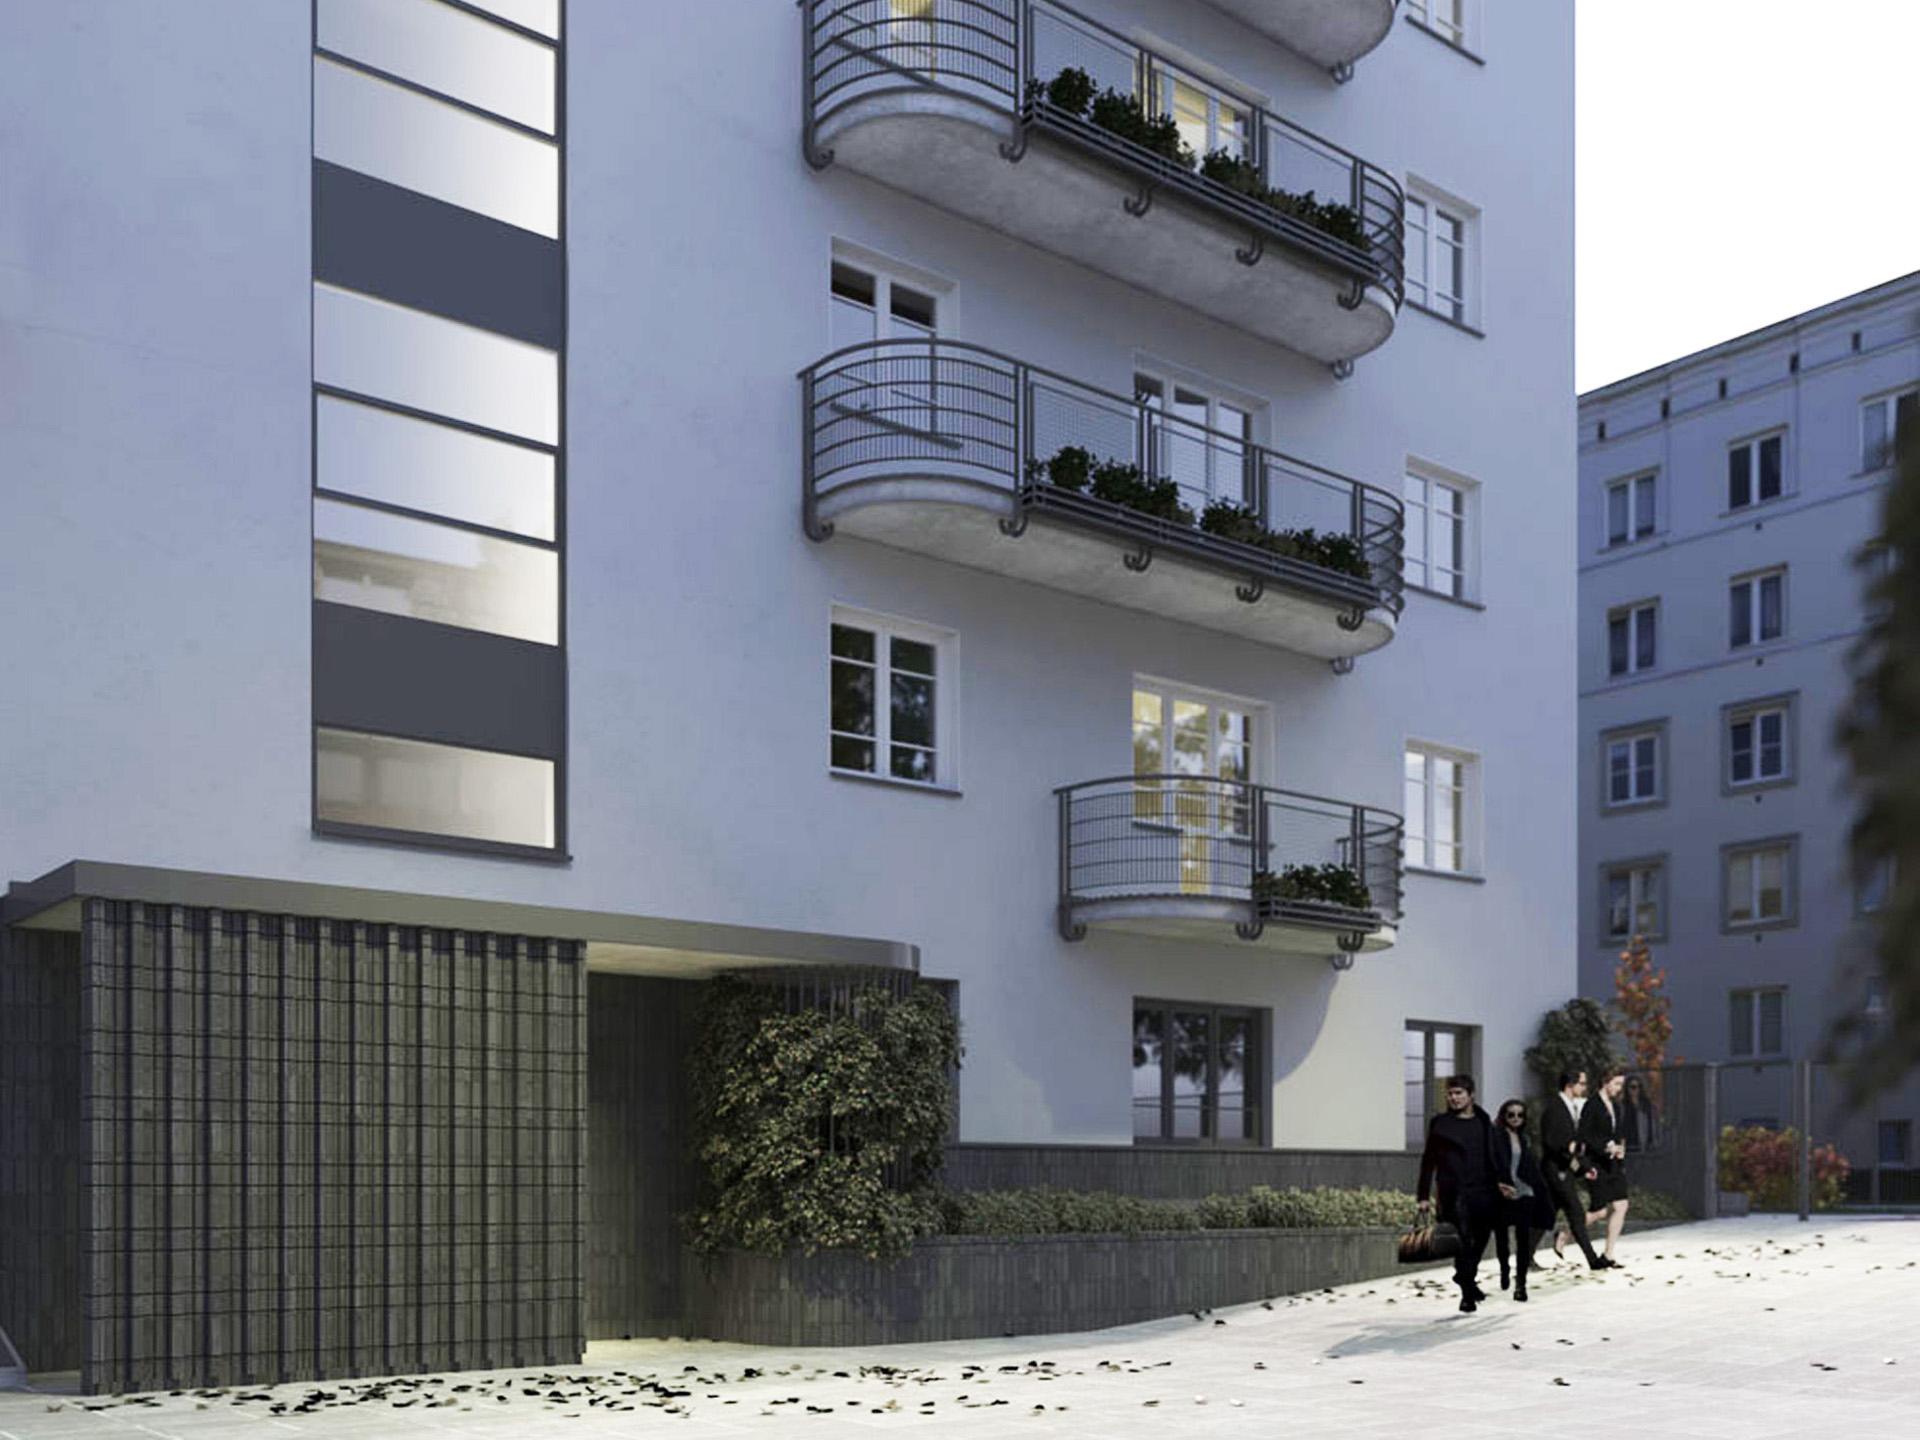 Renowacja elewacji kamienicy modernistycznej przy ul. Wyspiańskiego. Projekt BAZA architekci.